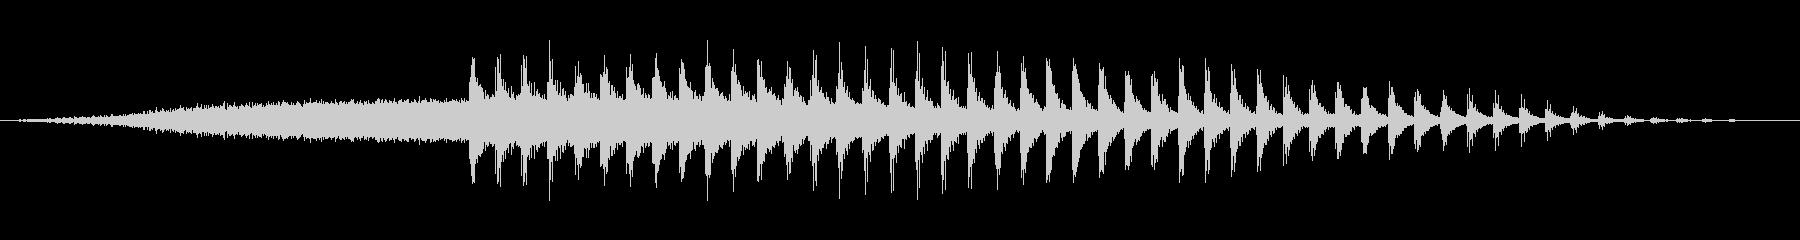 エレクトリックパルスウインドフーズ...の未再生の波形